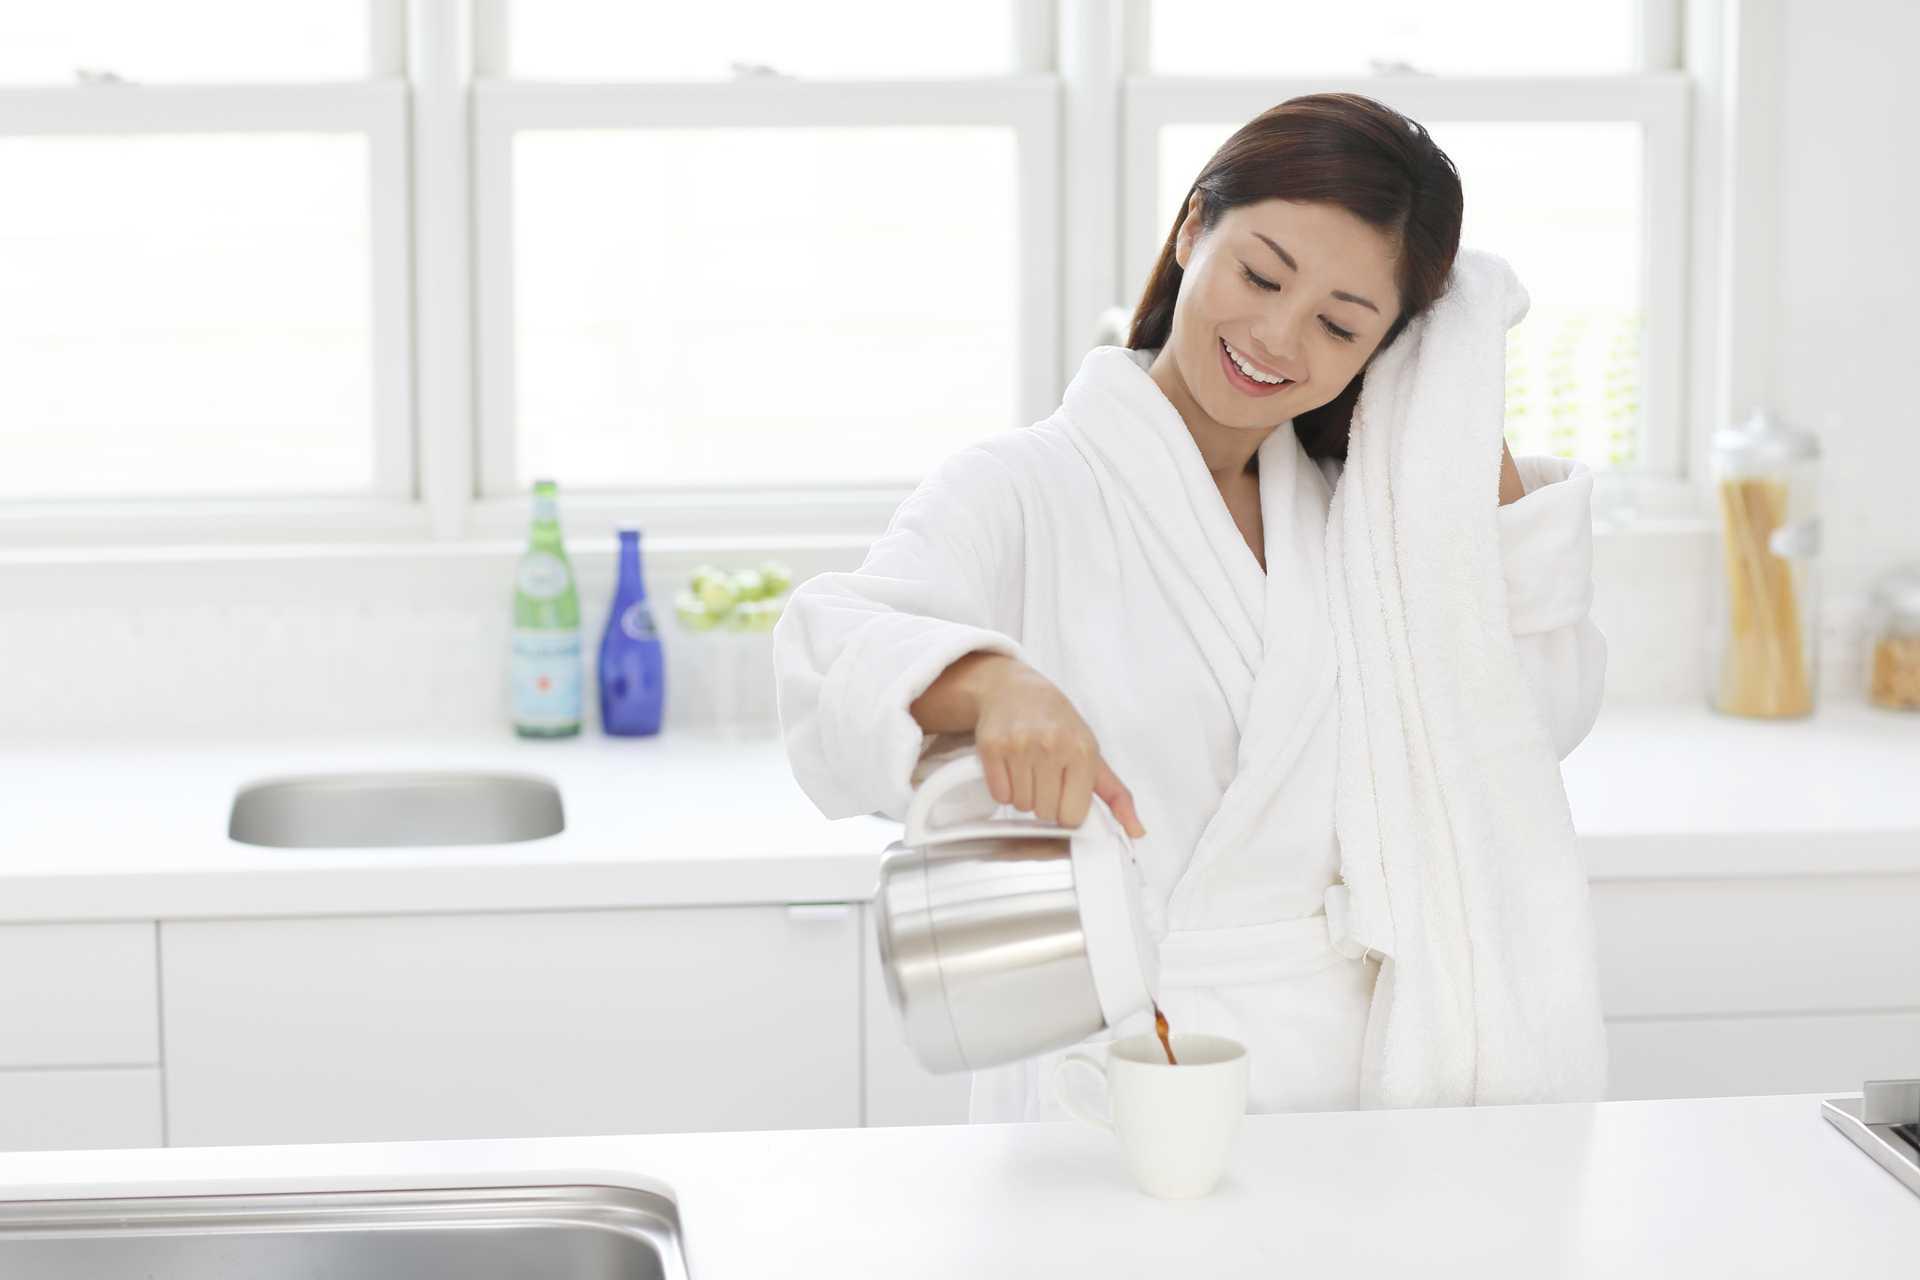 お風呂上りのリラックスタイムは、自分と向き合う時間。 | 魅力的な人になる30の方法